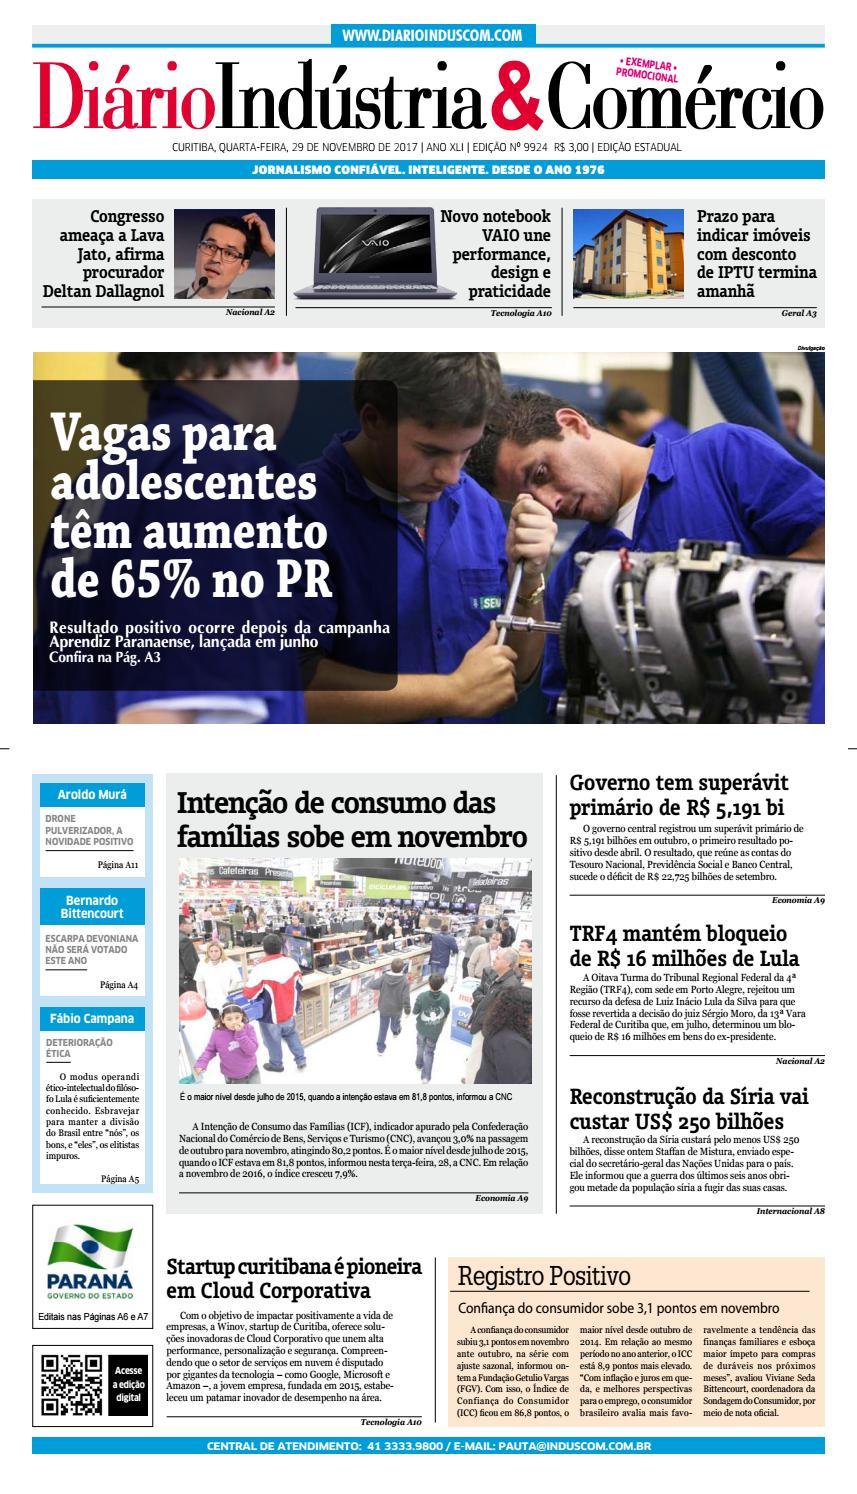 bdf971c6def Diário Indústria Comércio - 29-11-2017 by Diário Indústria   Comércio -  issuu